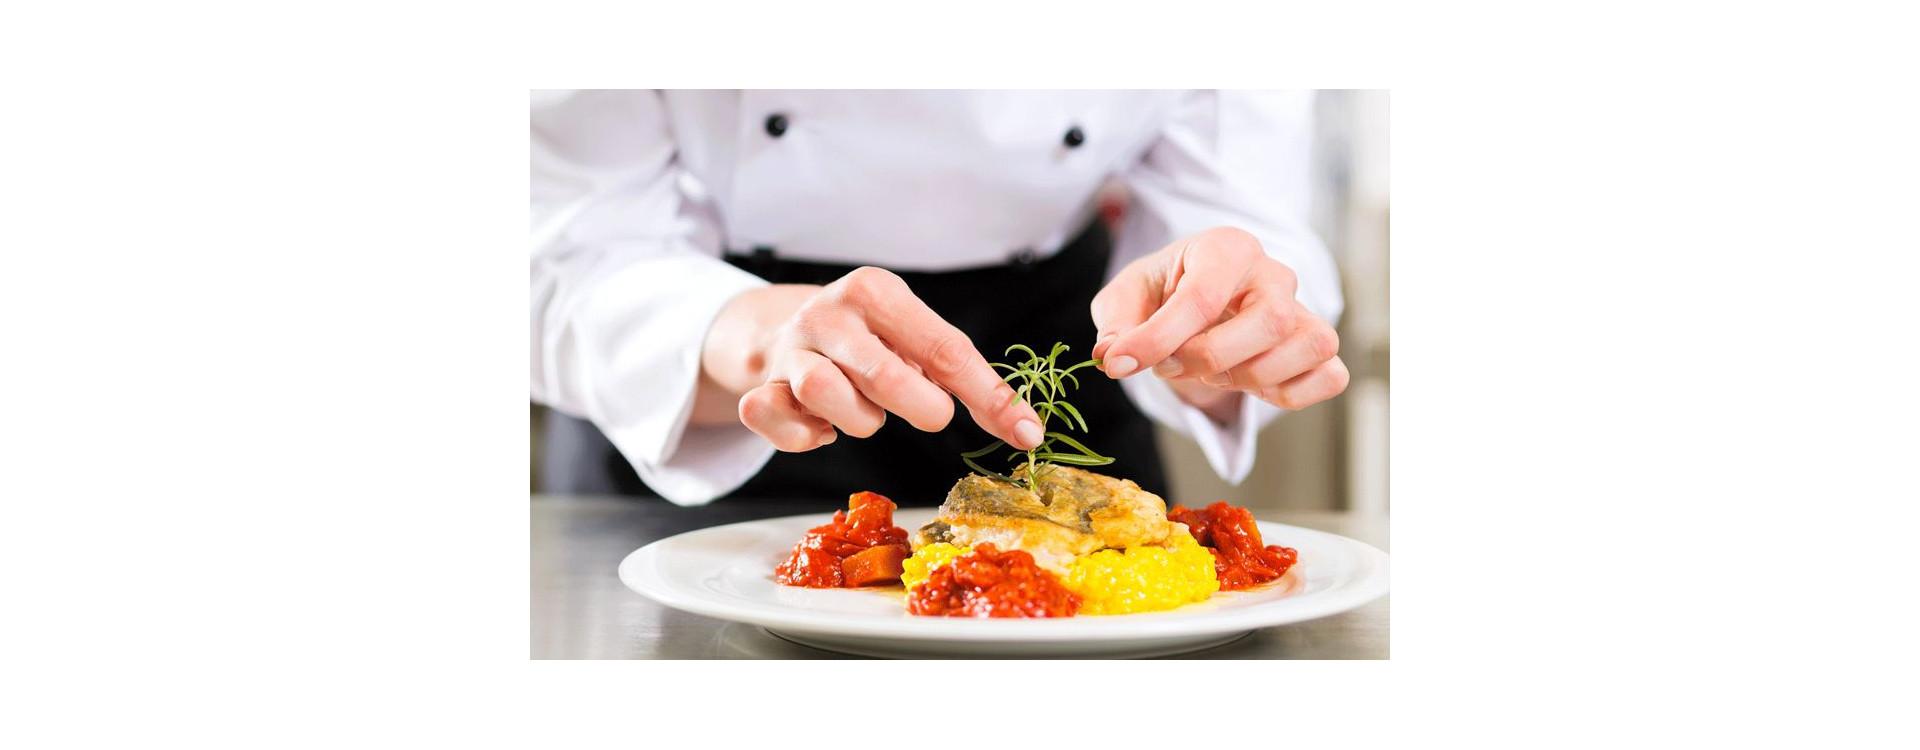 Unsere Kunden (Restaurant)